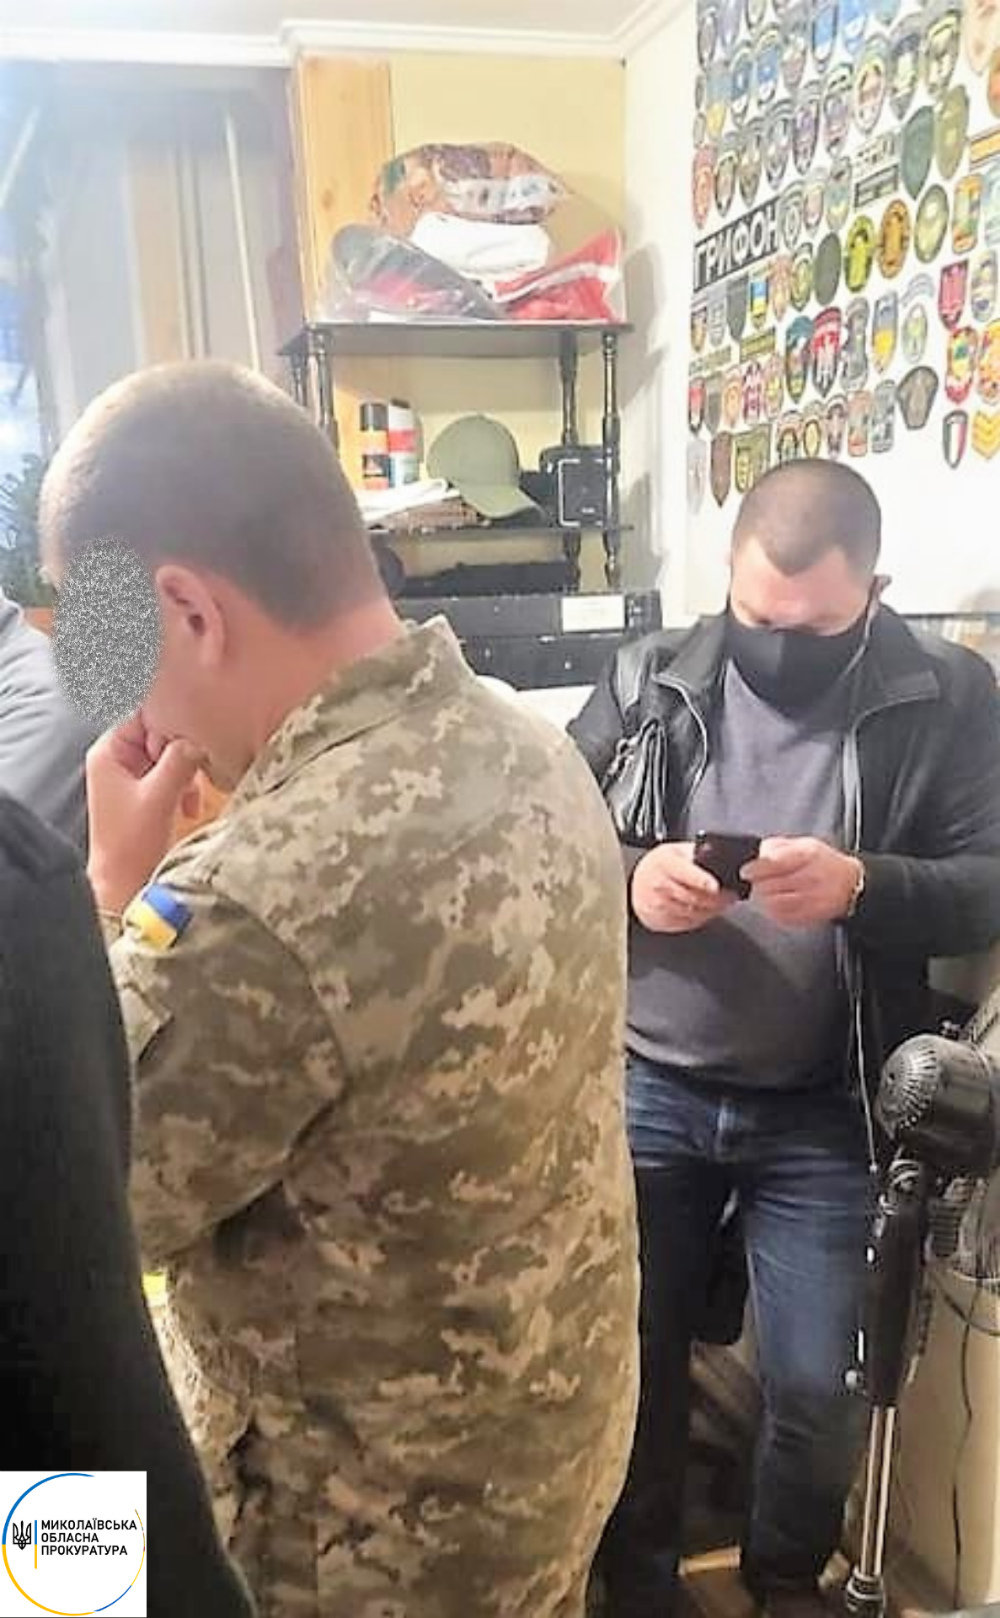 В Николаеве за распространение наркотиков задержан работник СИЗО, - ФОТО, фото-1